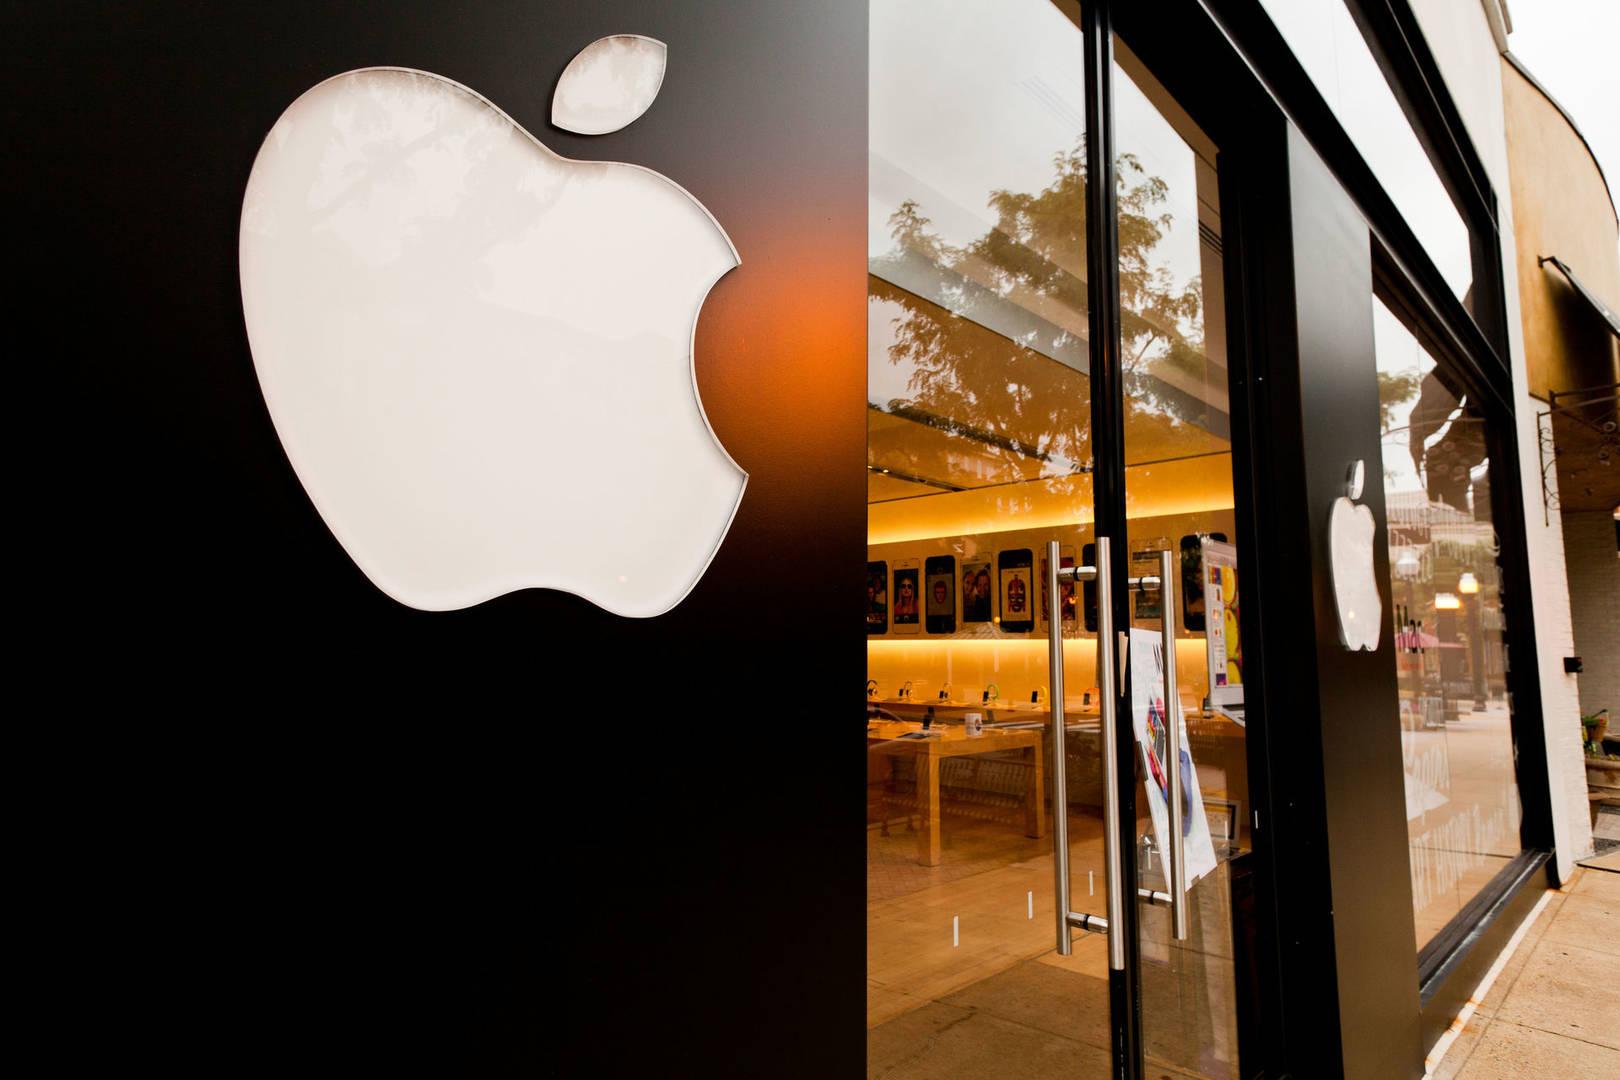 Detalles sobre los nuevos auriculares de Apple fueron filtrados